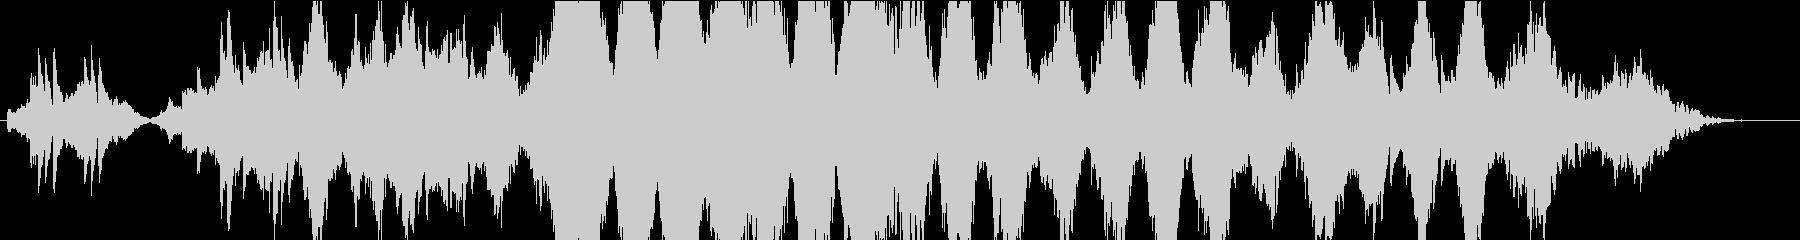 ストリングス、ピアノ中心のしっとりな感じの未再生の波形